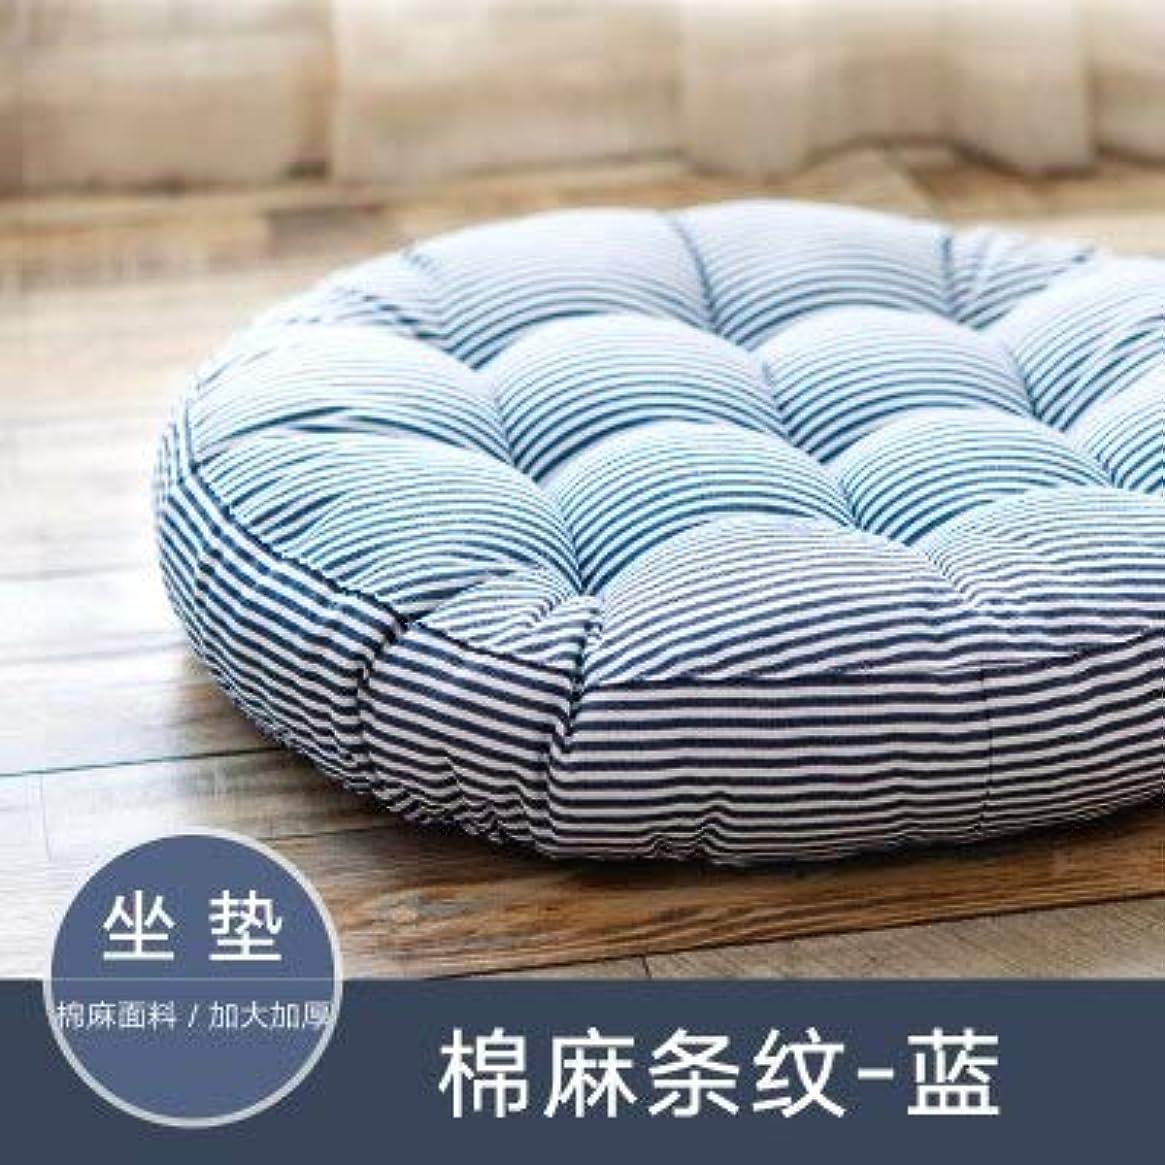 取り扱いつば花LIFE ラウンド厚い椅子のクッションフロアマットレスシートパッドソフトホームオフィスチェアクッションマットソフトスロー枕最高品質の床クッション クッション 椅子